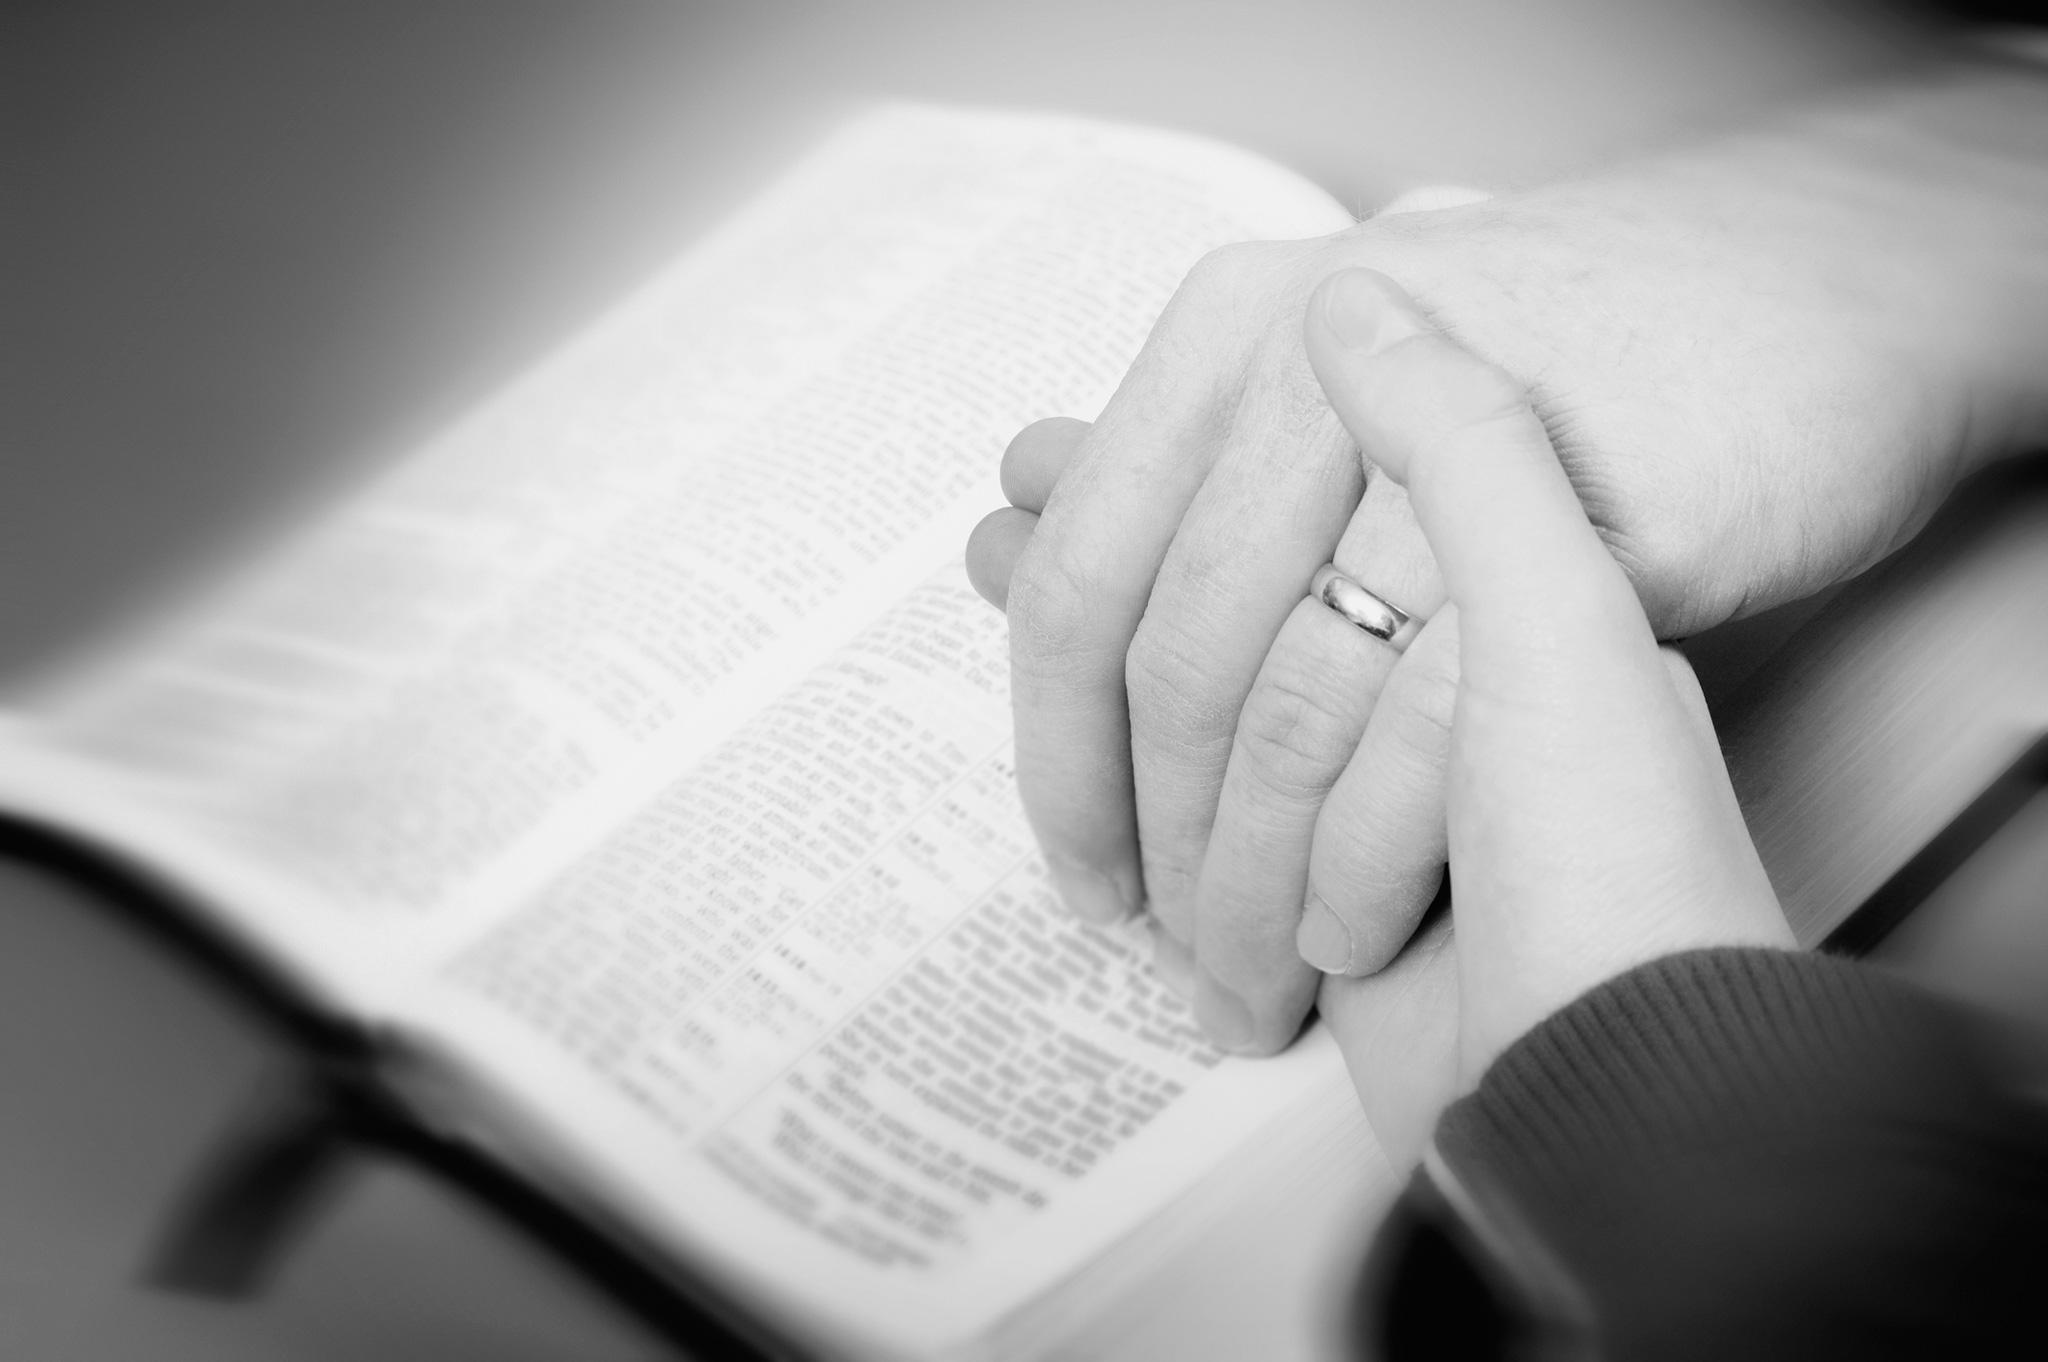 El Matrimonio La Biblia : Bendiciones bíblicas para los esposos bible